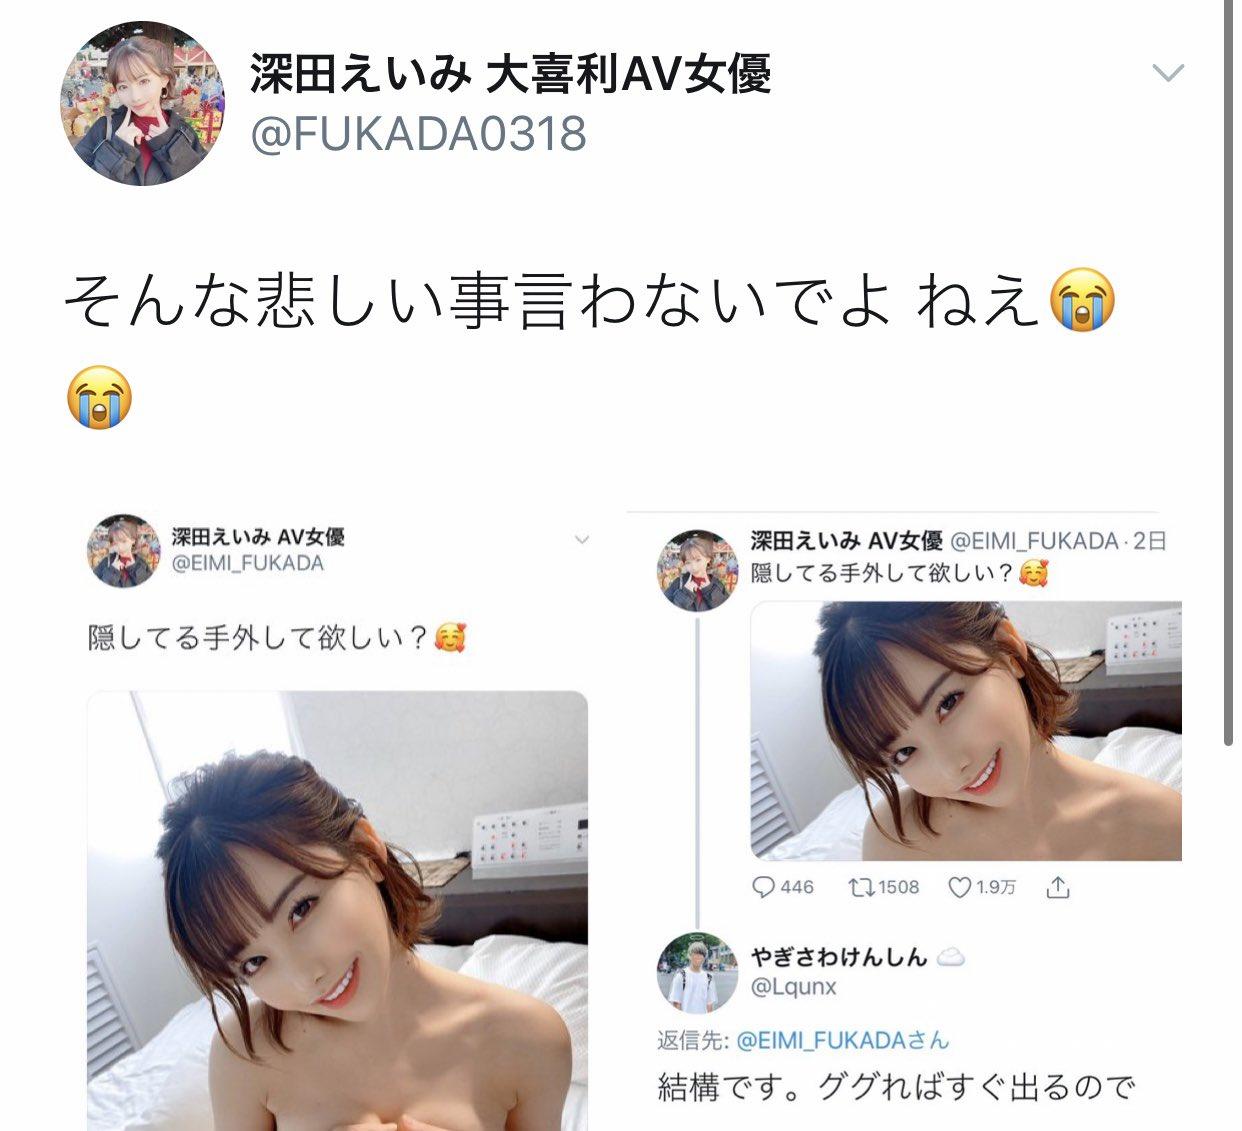 深田 えい み 大喜 利 Twitterでの大喜利が何故か大人気のセクシー女優・深田えいみさん